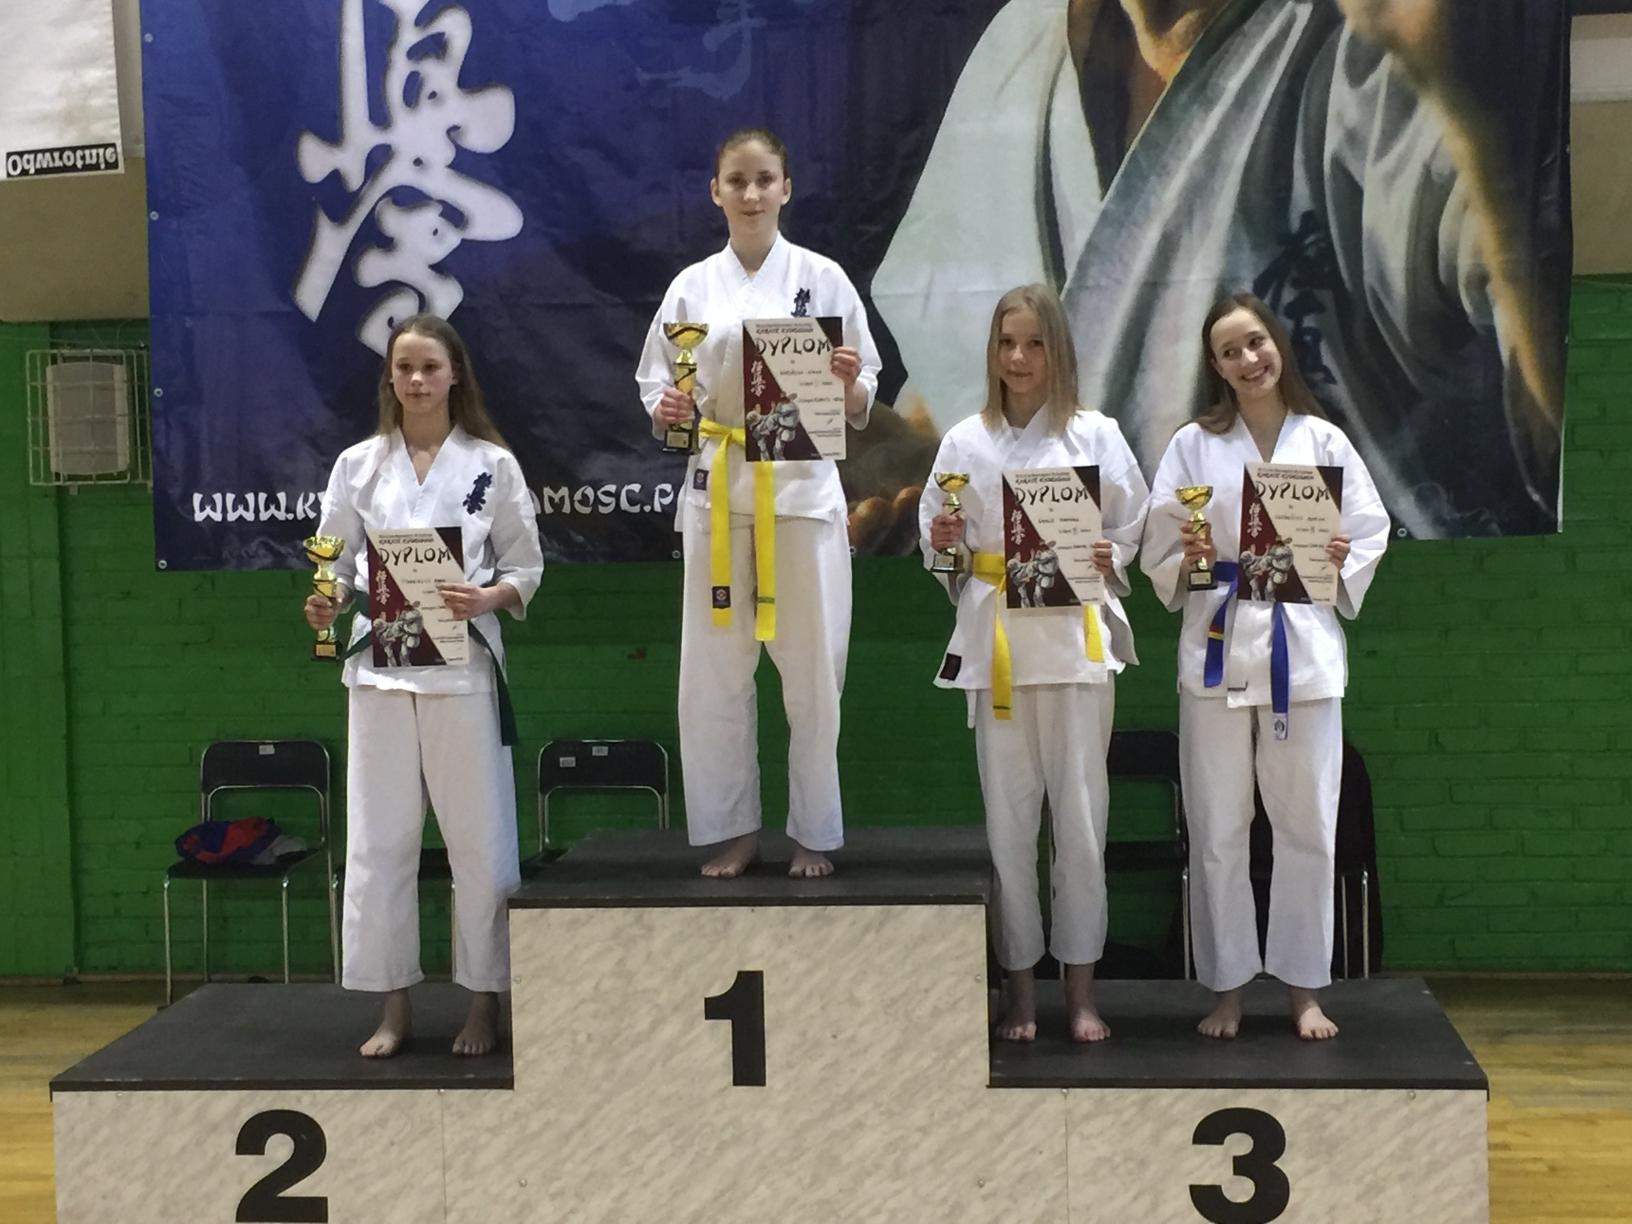 http://m.wm.pl/2018/03/orig/karate-2-453233.jpg